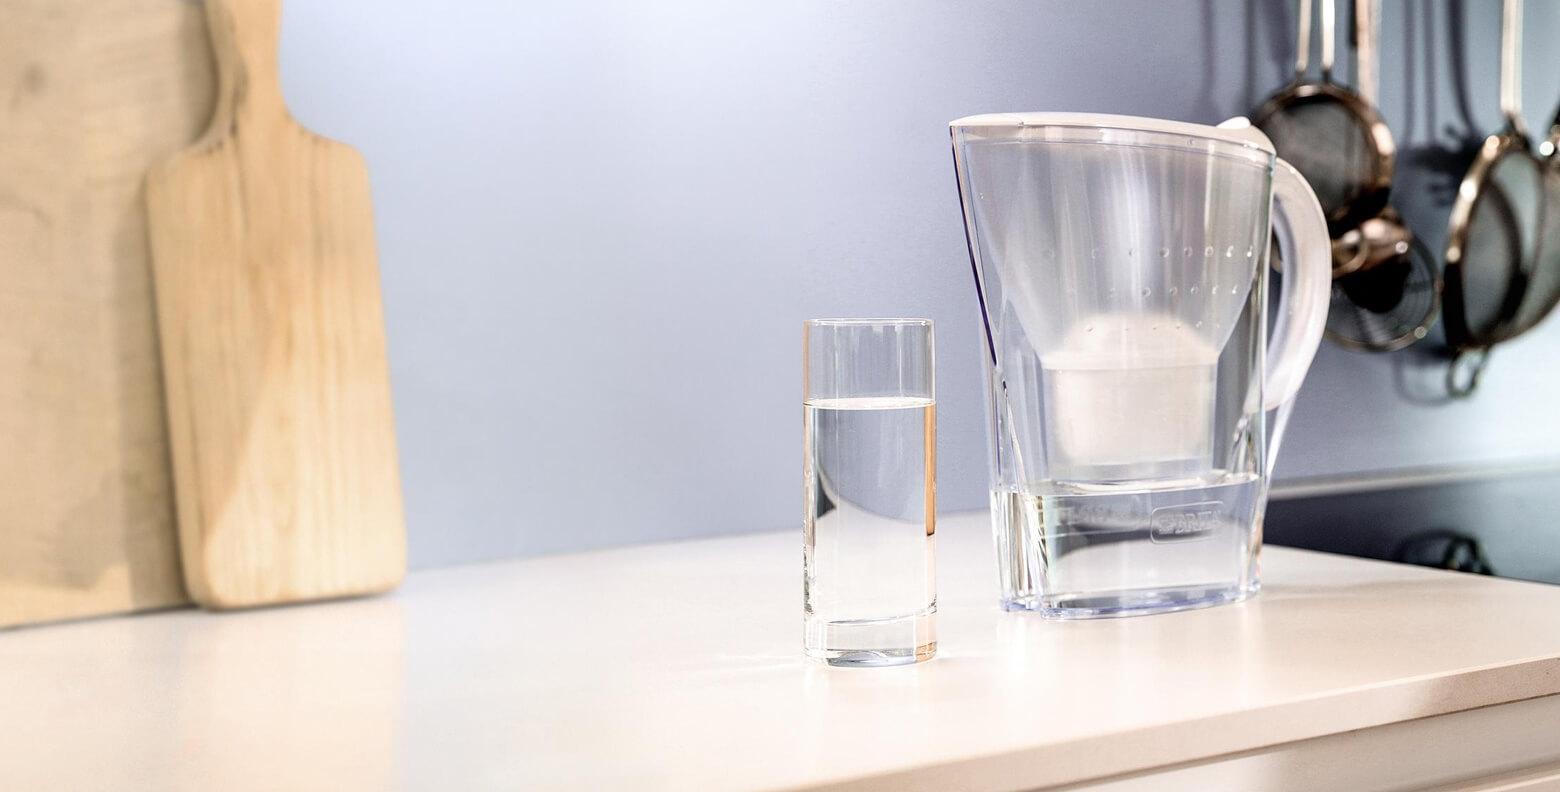 Marella mit Wasserglas auf der Küchentheke